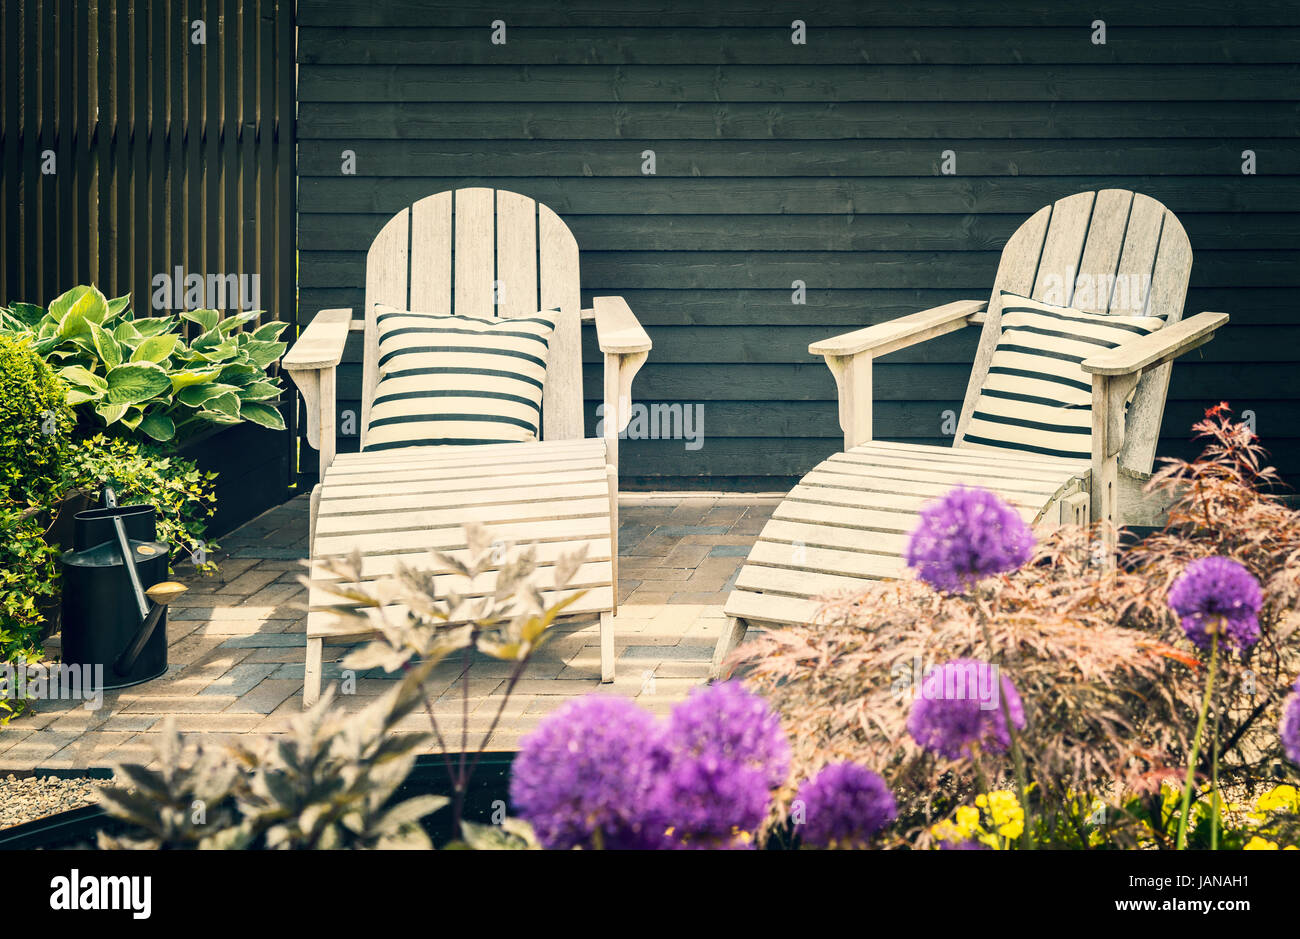 Gemütliche Lounge-Möbel auf begrünten Terrasse im Garten Stockfoto ...